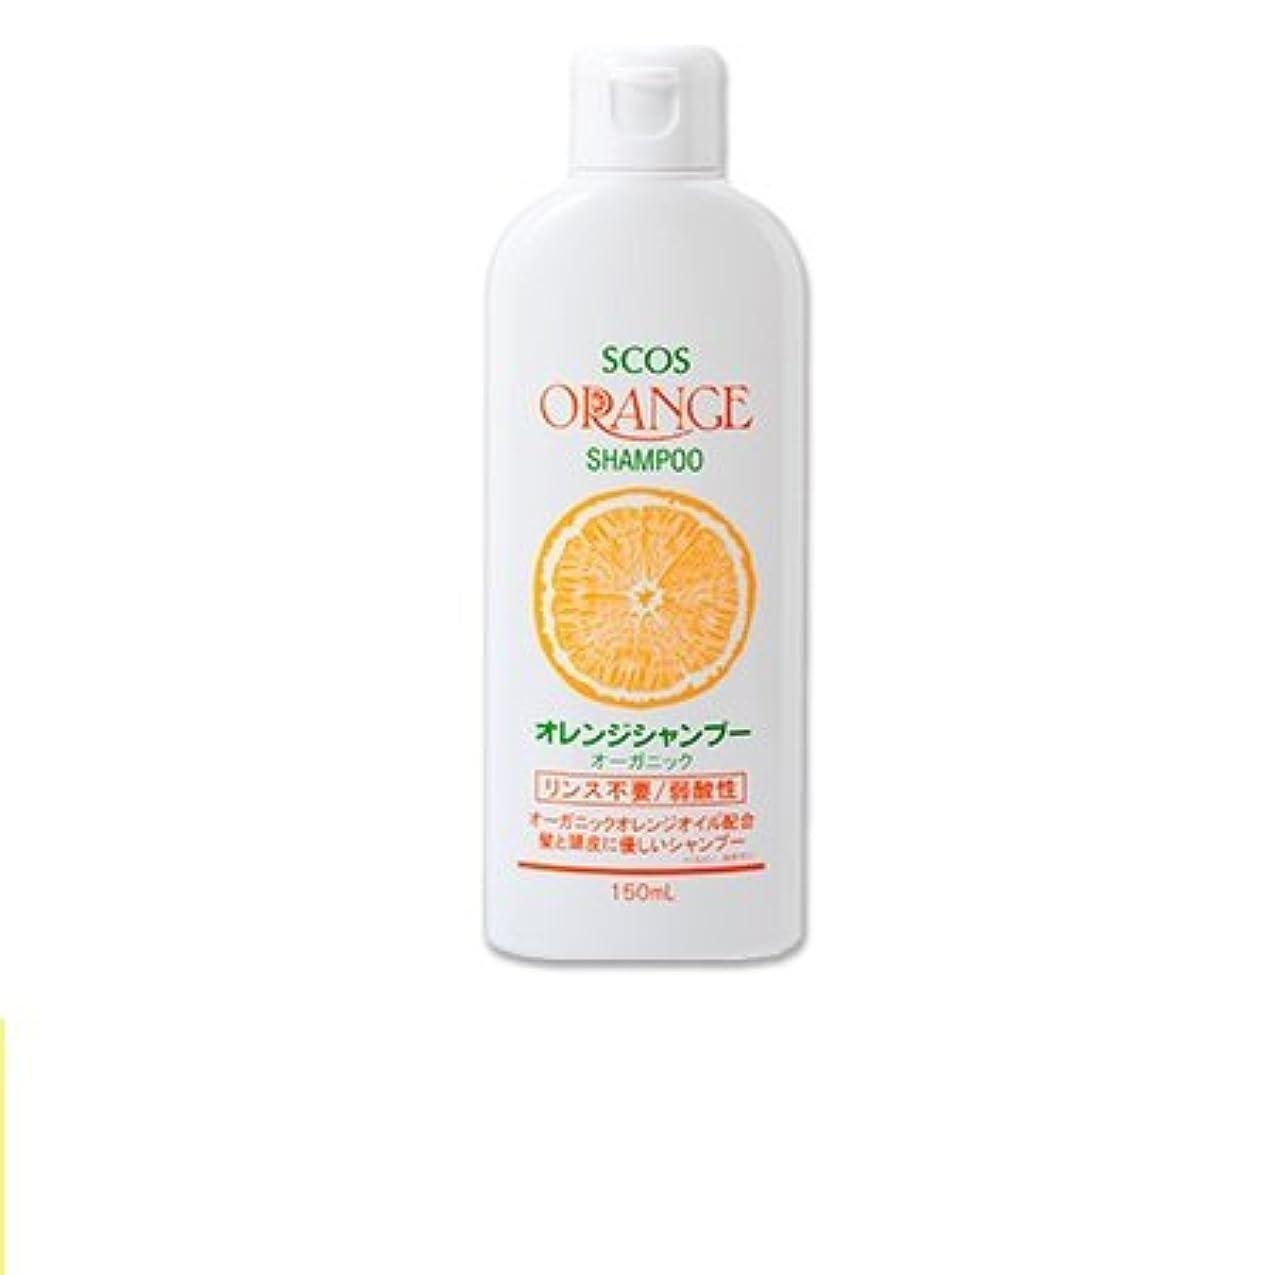 うま騒々しい信頼性のあるエスコス オレンジシャンプーオーガニック (150ml)